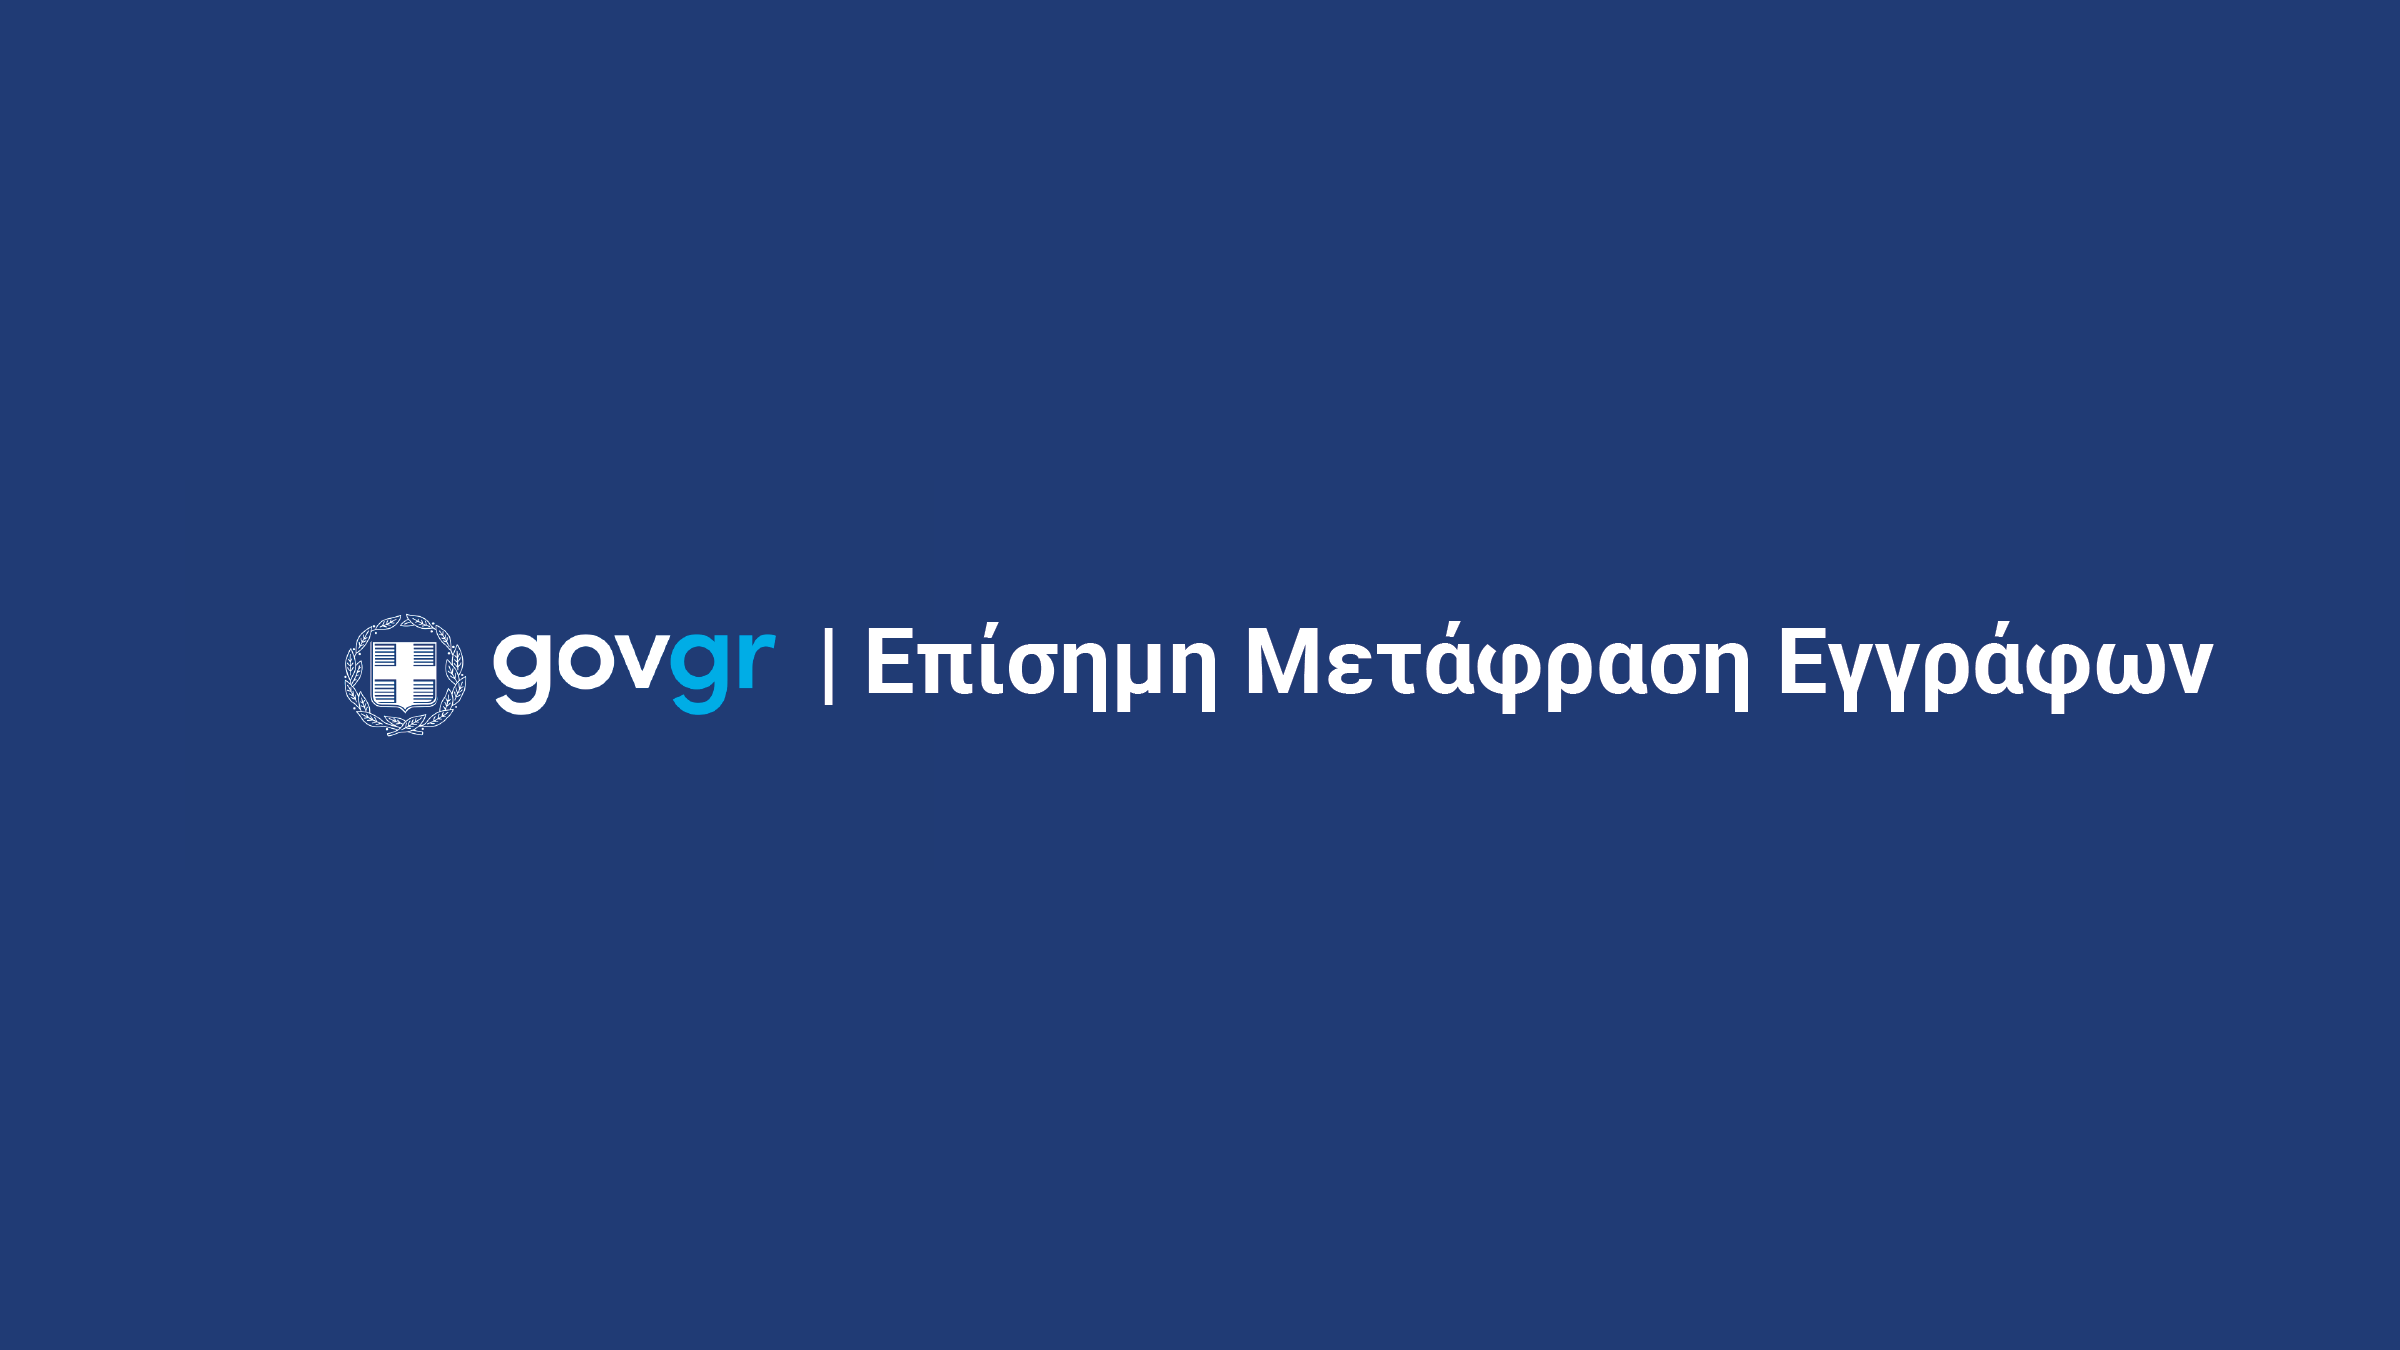 μεταφραστική υπηρεσία metafraseis services gov gr